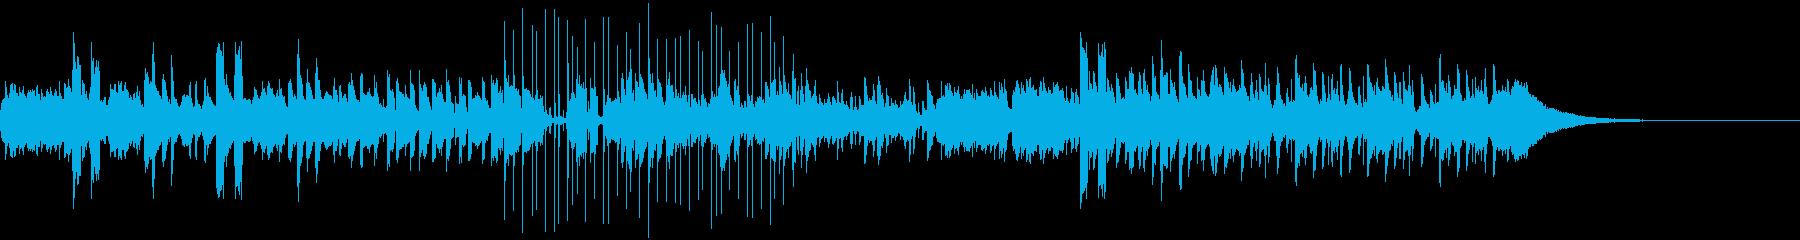 アレっと思わせる変拍子のニューウェイヴの再生済みの波形